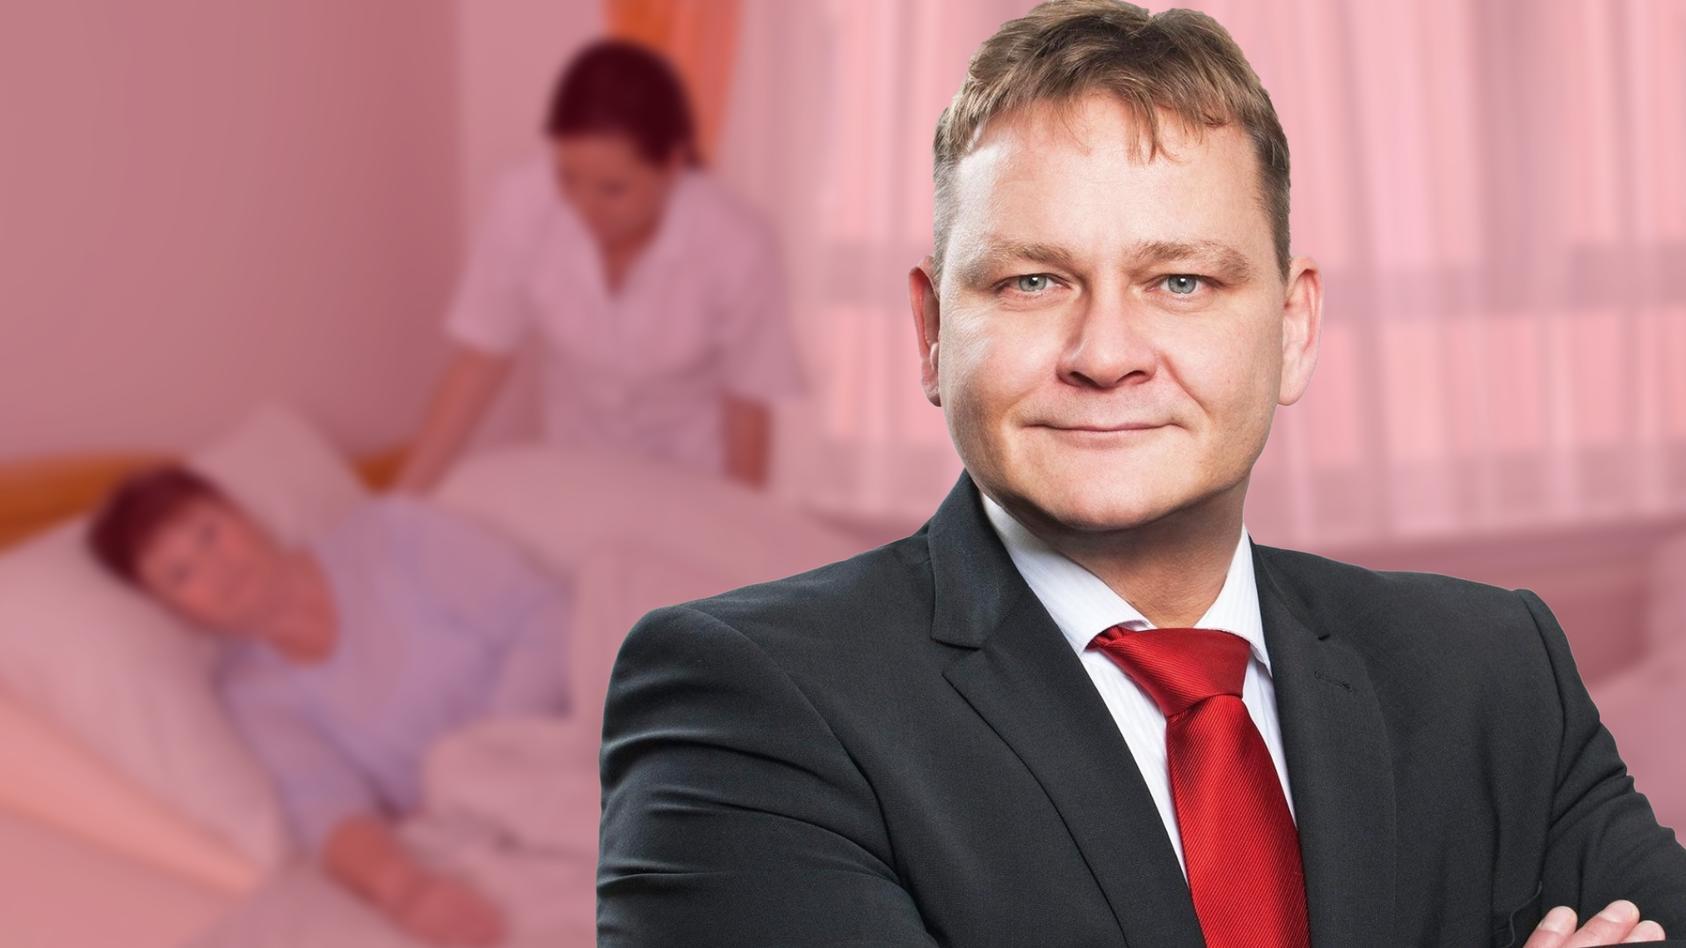 Pflegedienst-Leiter René Willmer wehrt sich gegen die Vorwürfe, er habe Mitarbeiter wegen Impfverweigerung entlassen.